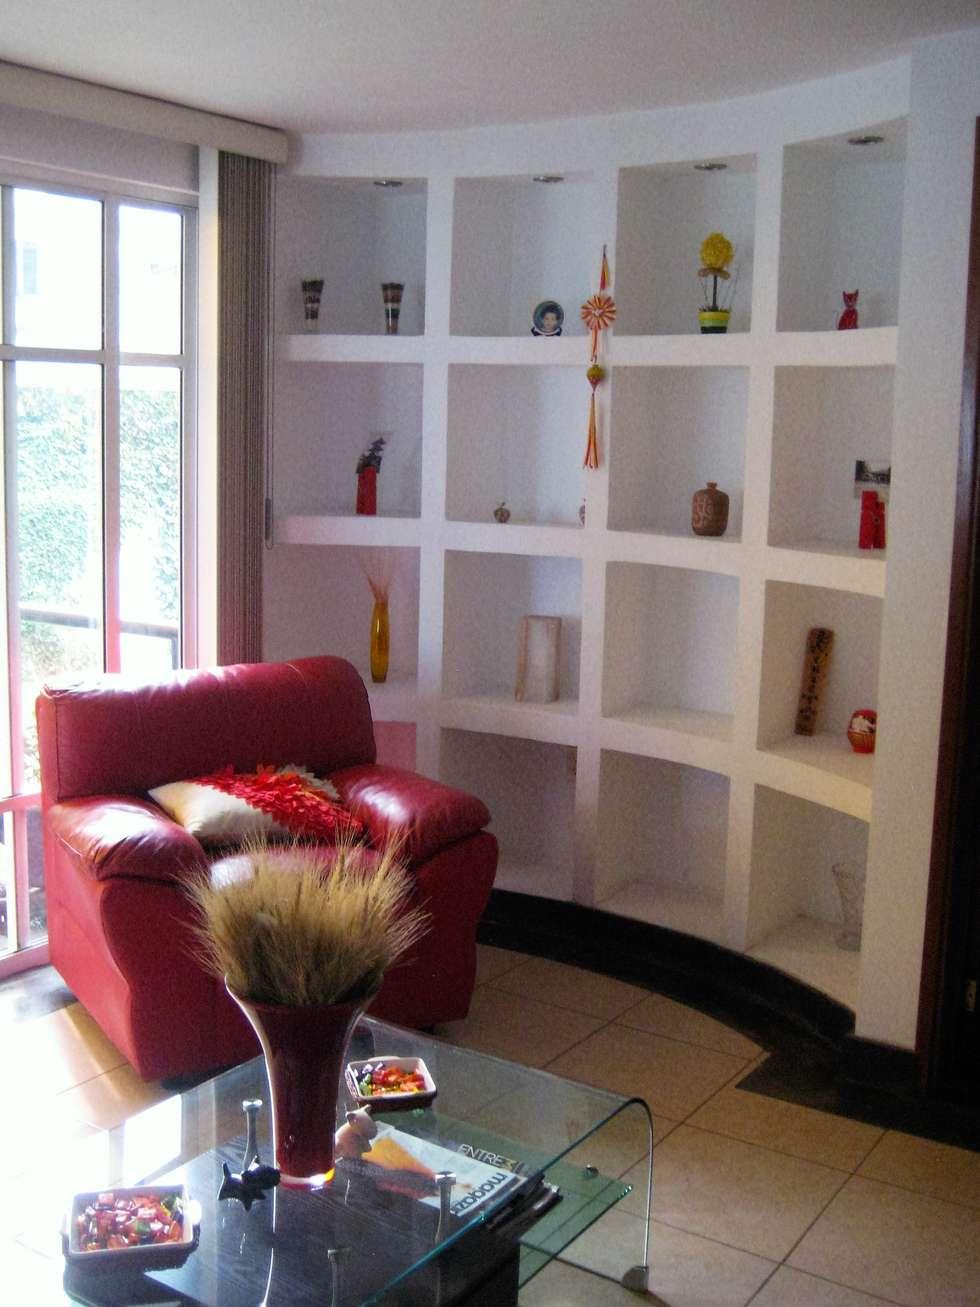 Sala y esquina: Salas de estilo moderno por ATMEE Alta tecnología de material eléctrico y electrónico SA de CV